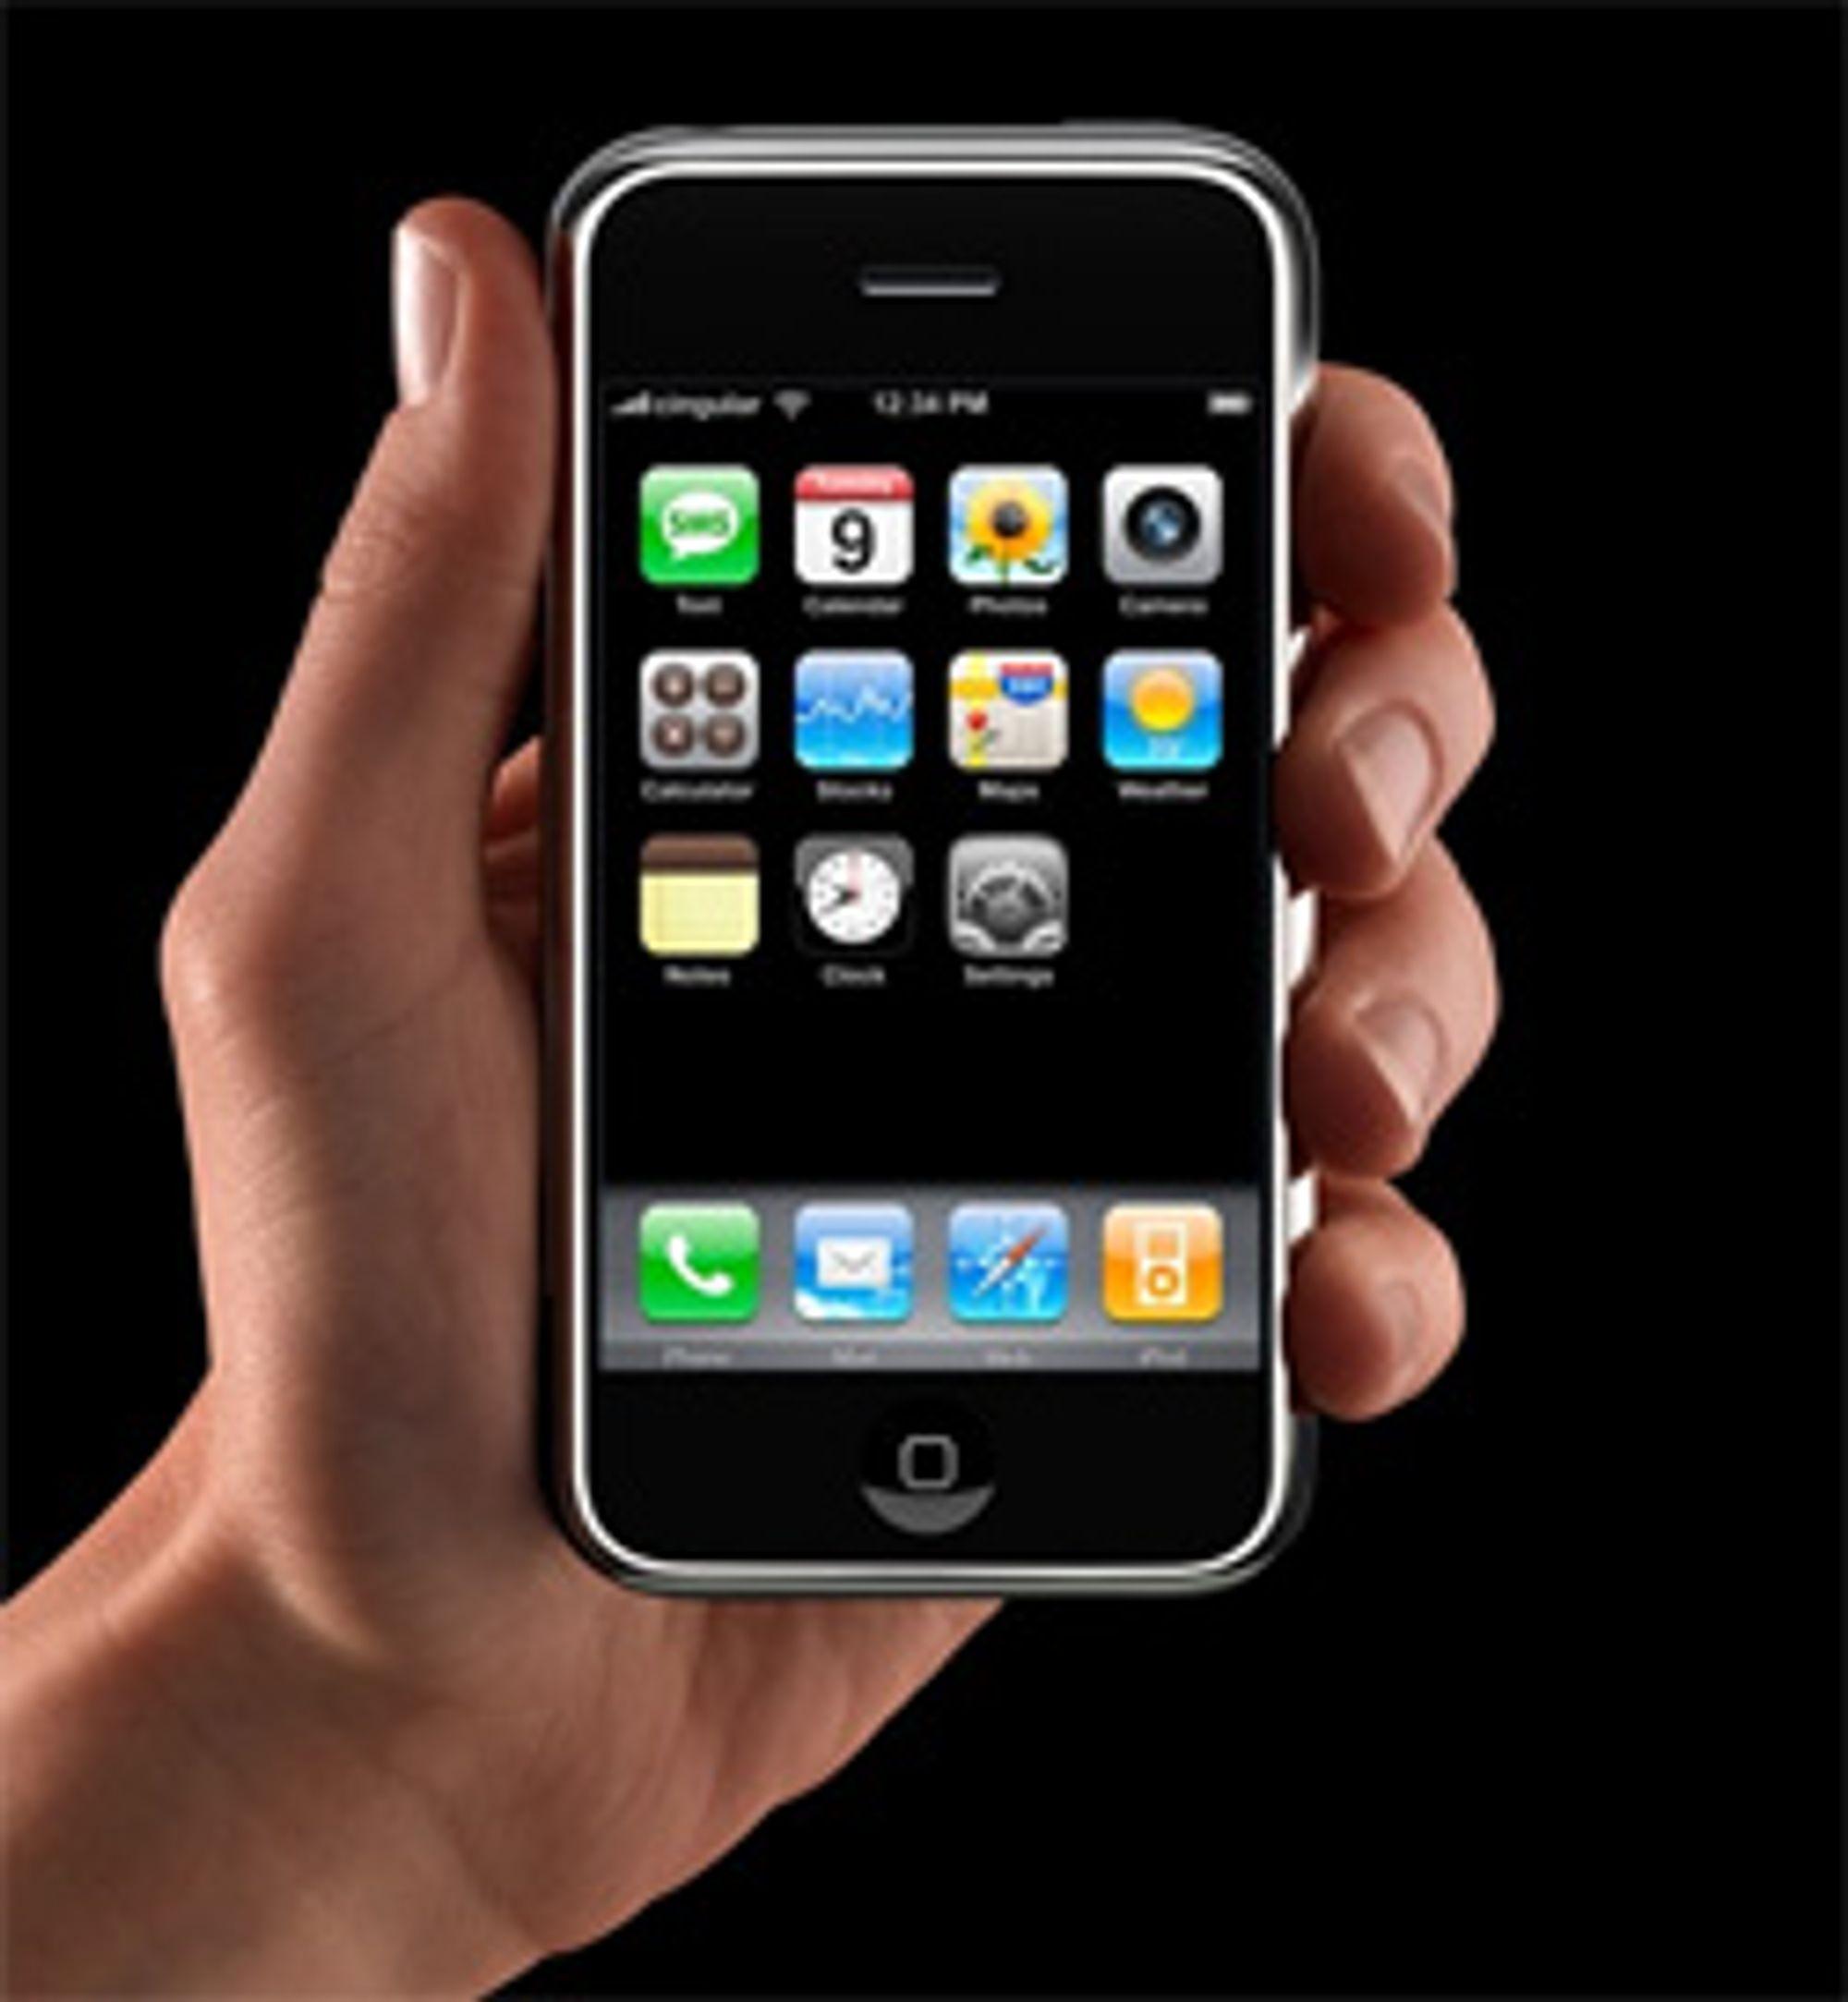 Iphone er oppdatert til versjon 1.1.4.